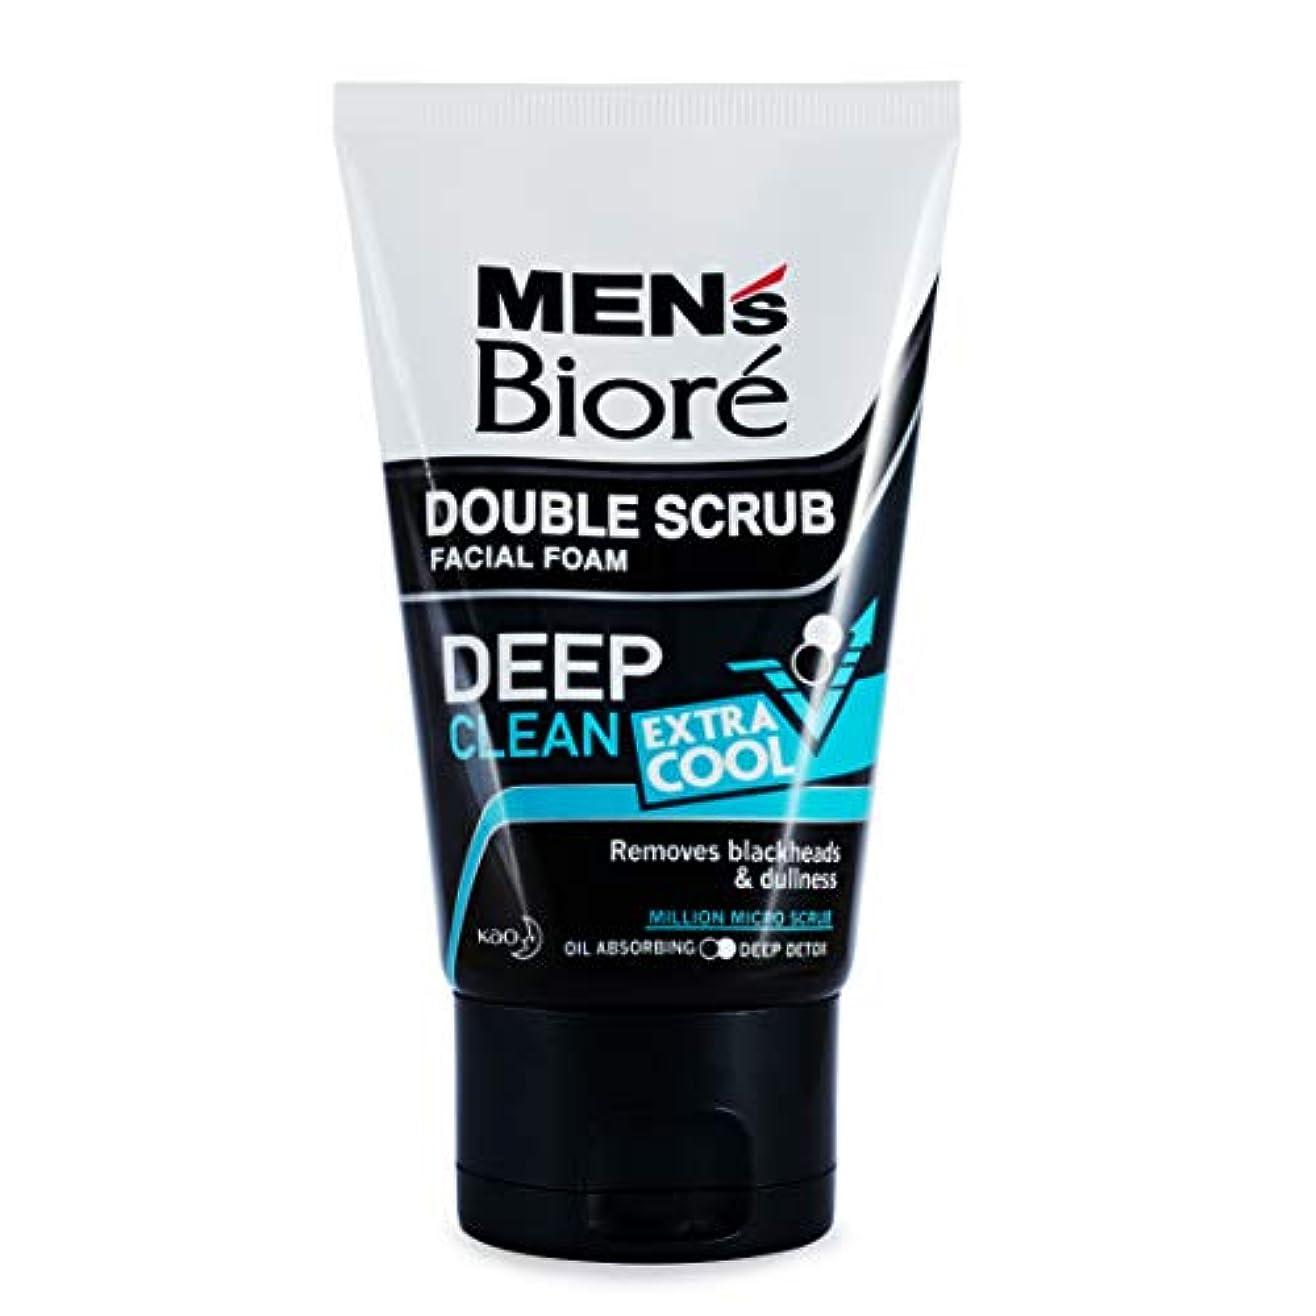 絶望的な試すバズBiore Men's ダブルスクラブ余分なクールな顔泡100グラム、なめらかな明るい&健康な皮膚。 - 非常にクール&さわやかな感覚。